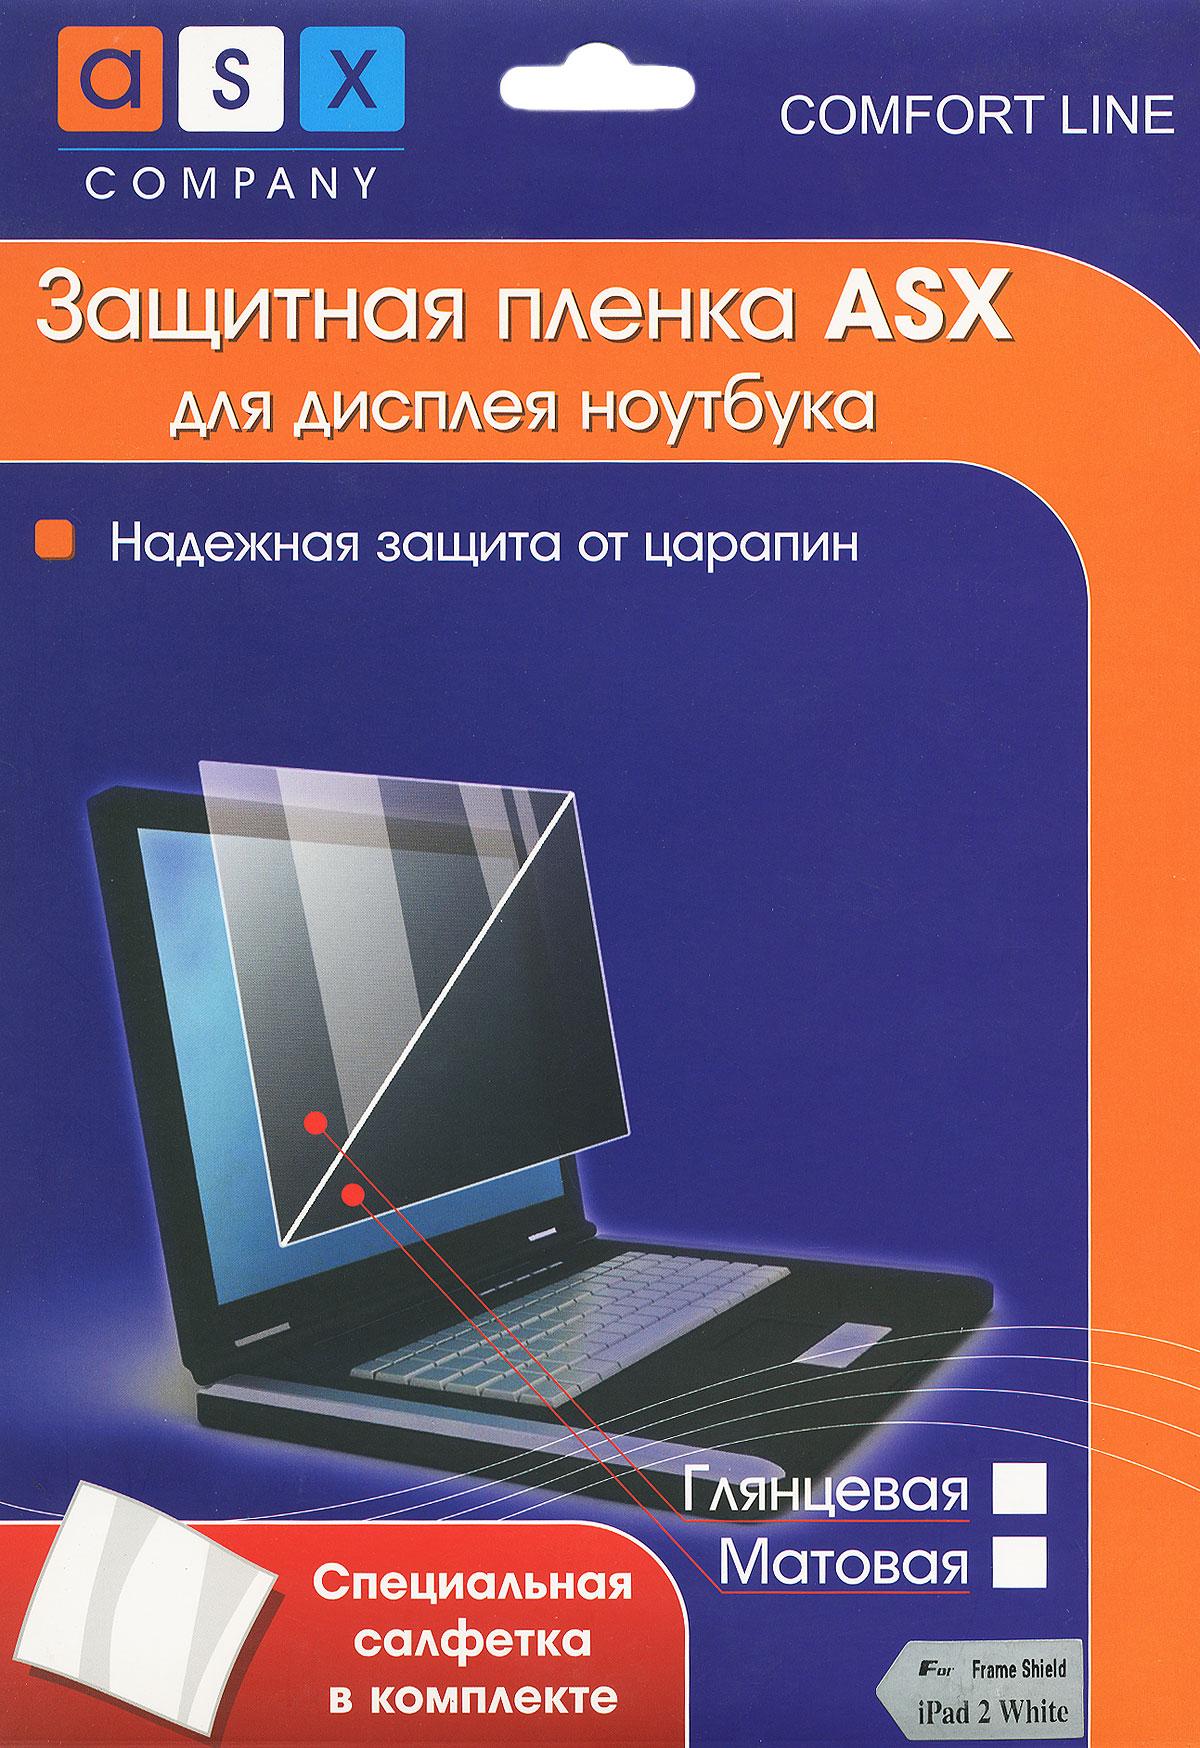 ASX защитная пленка для iPad 2/3, WhiteCD126116Защитная пленка ASX предназначена для защиты поверхности экрана, а также частей корпуса цифрового устройства от царапин, потертостей, отпечатков пальцев и прочих следов механического воздействия.